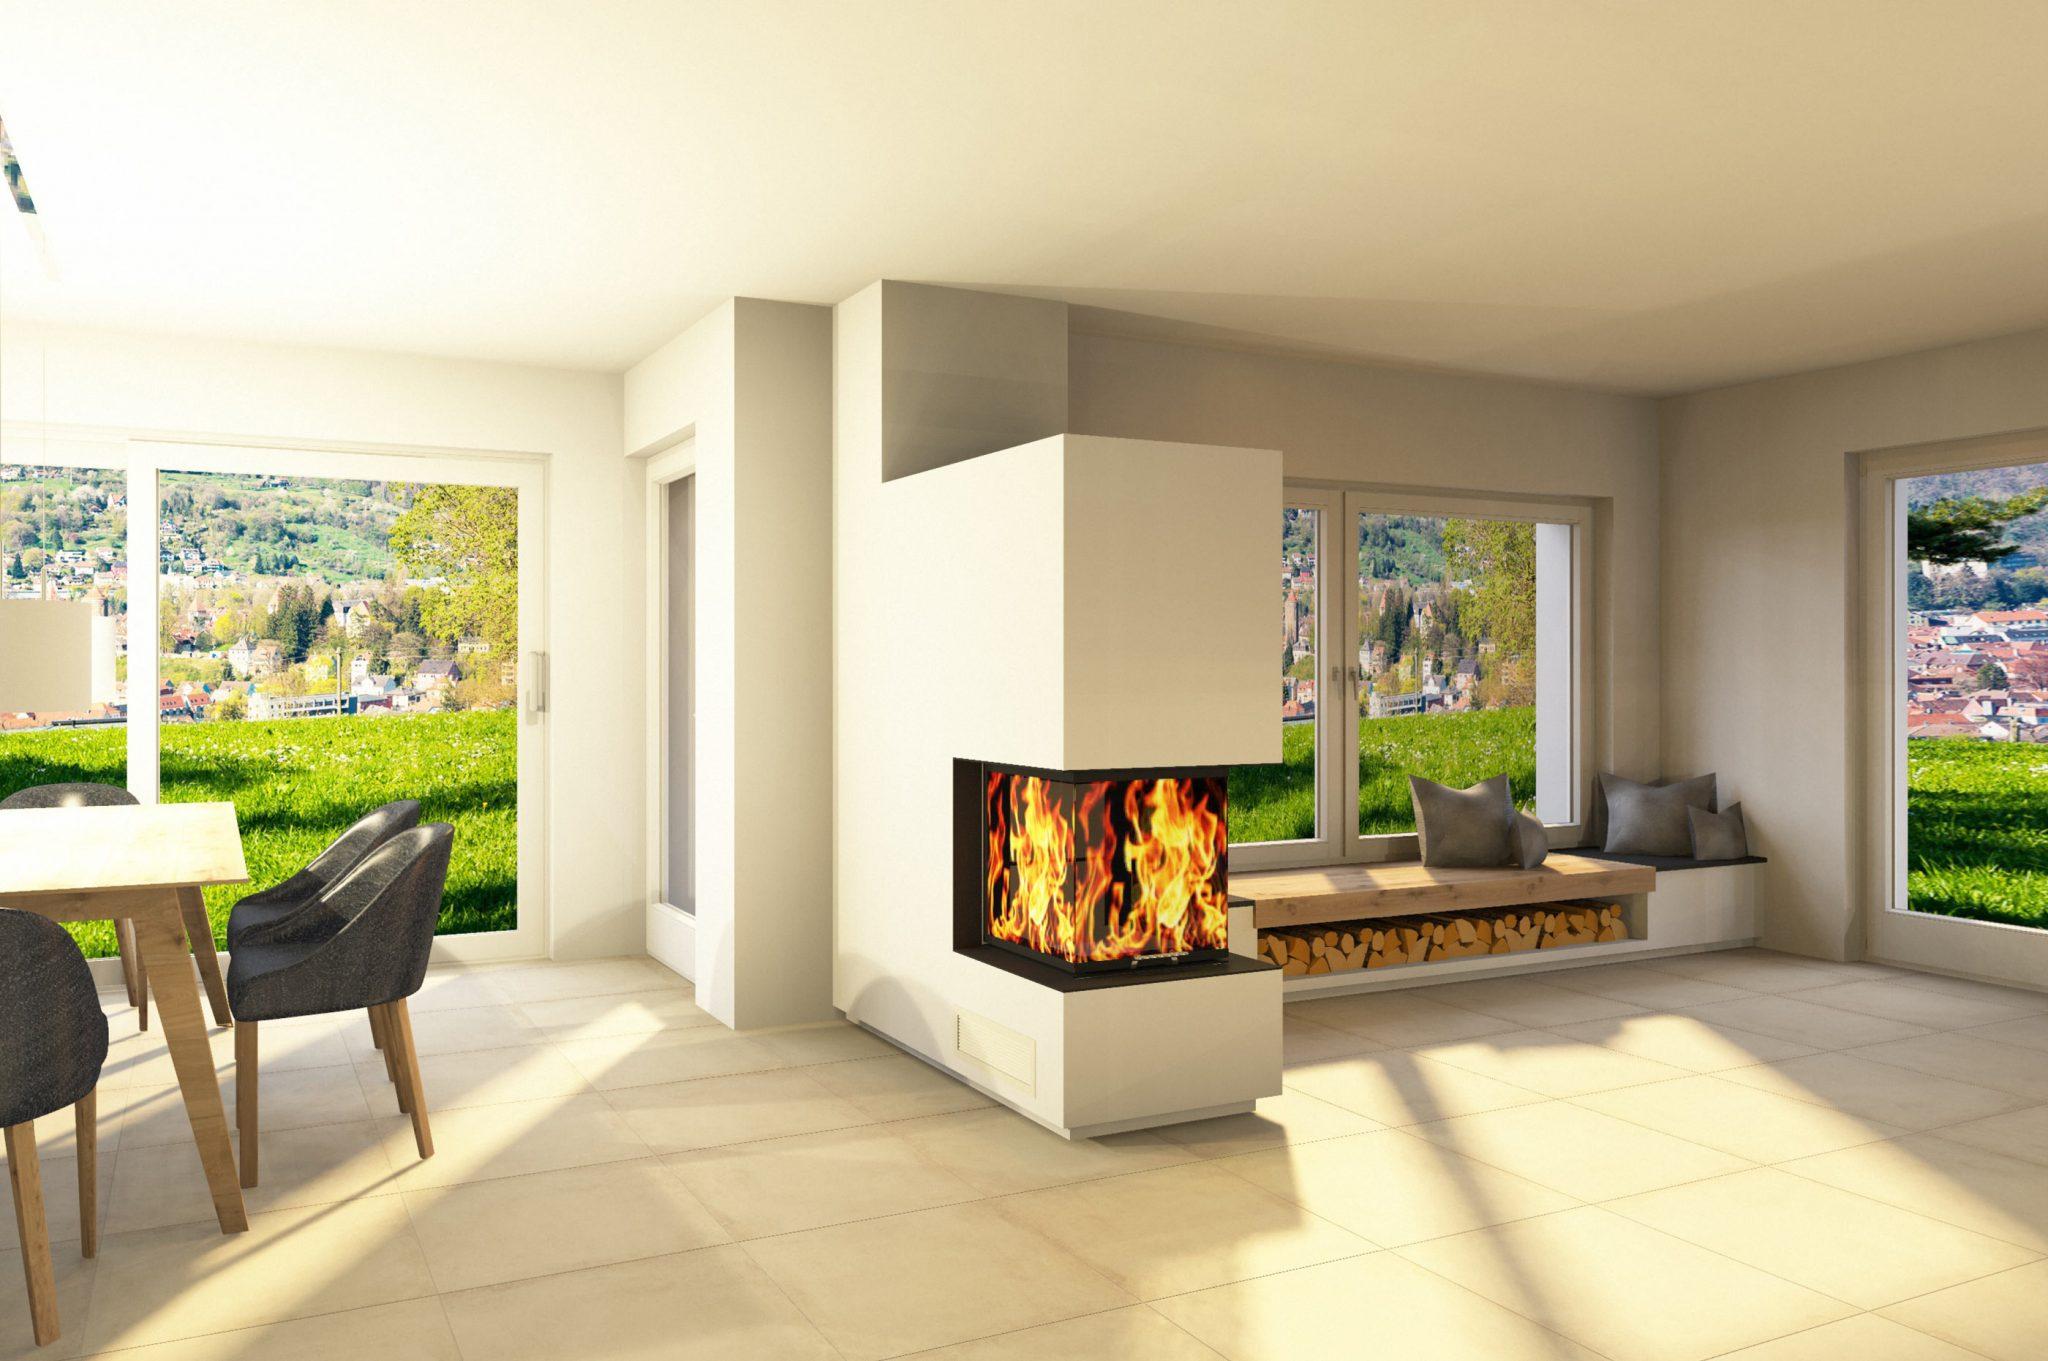 Wohnzimmer mit Kaminofen virtuell erstellt